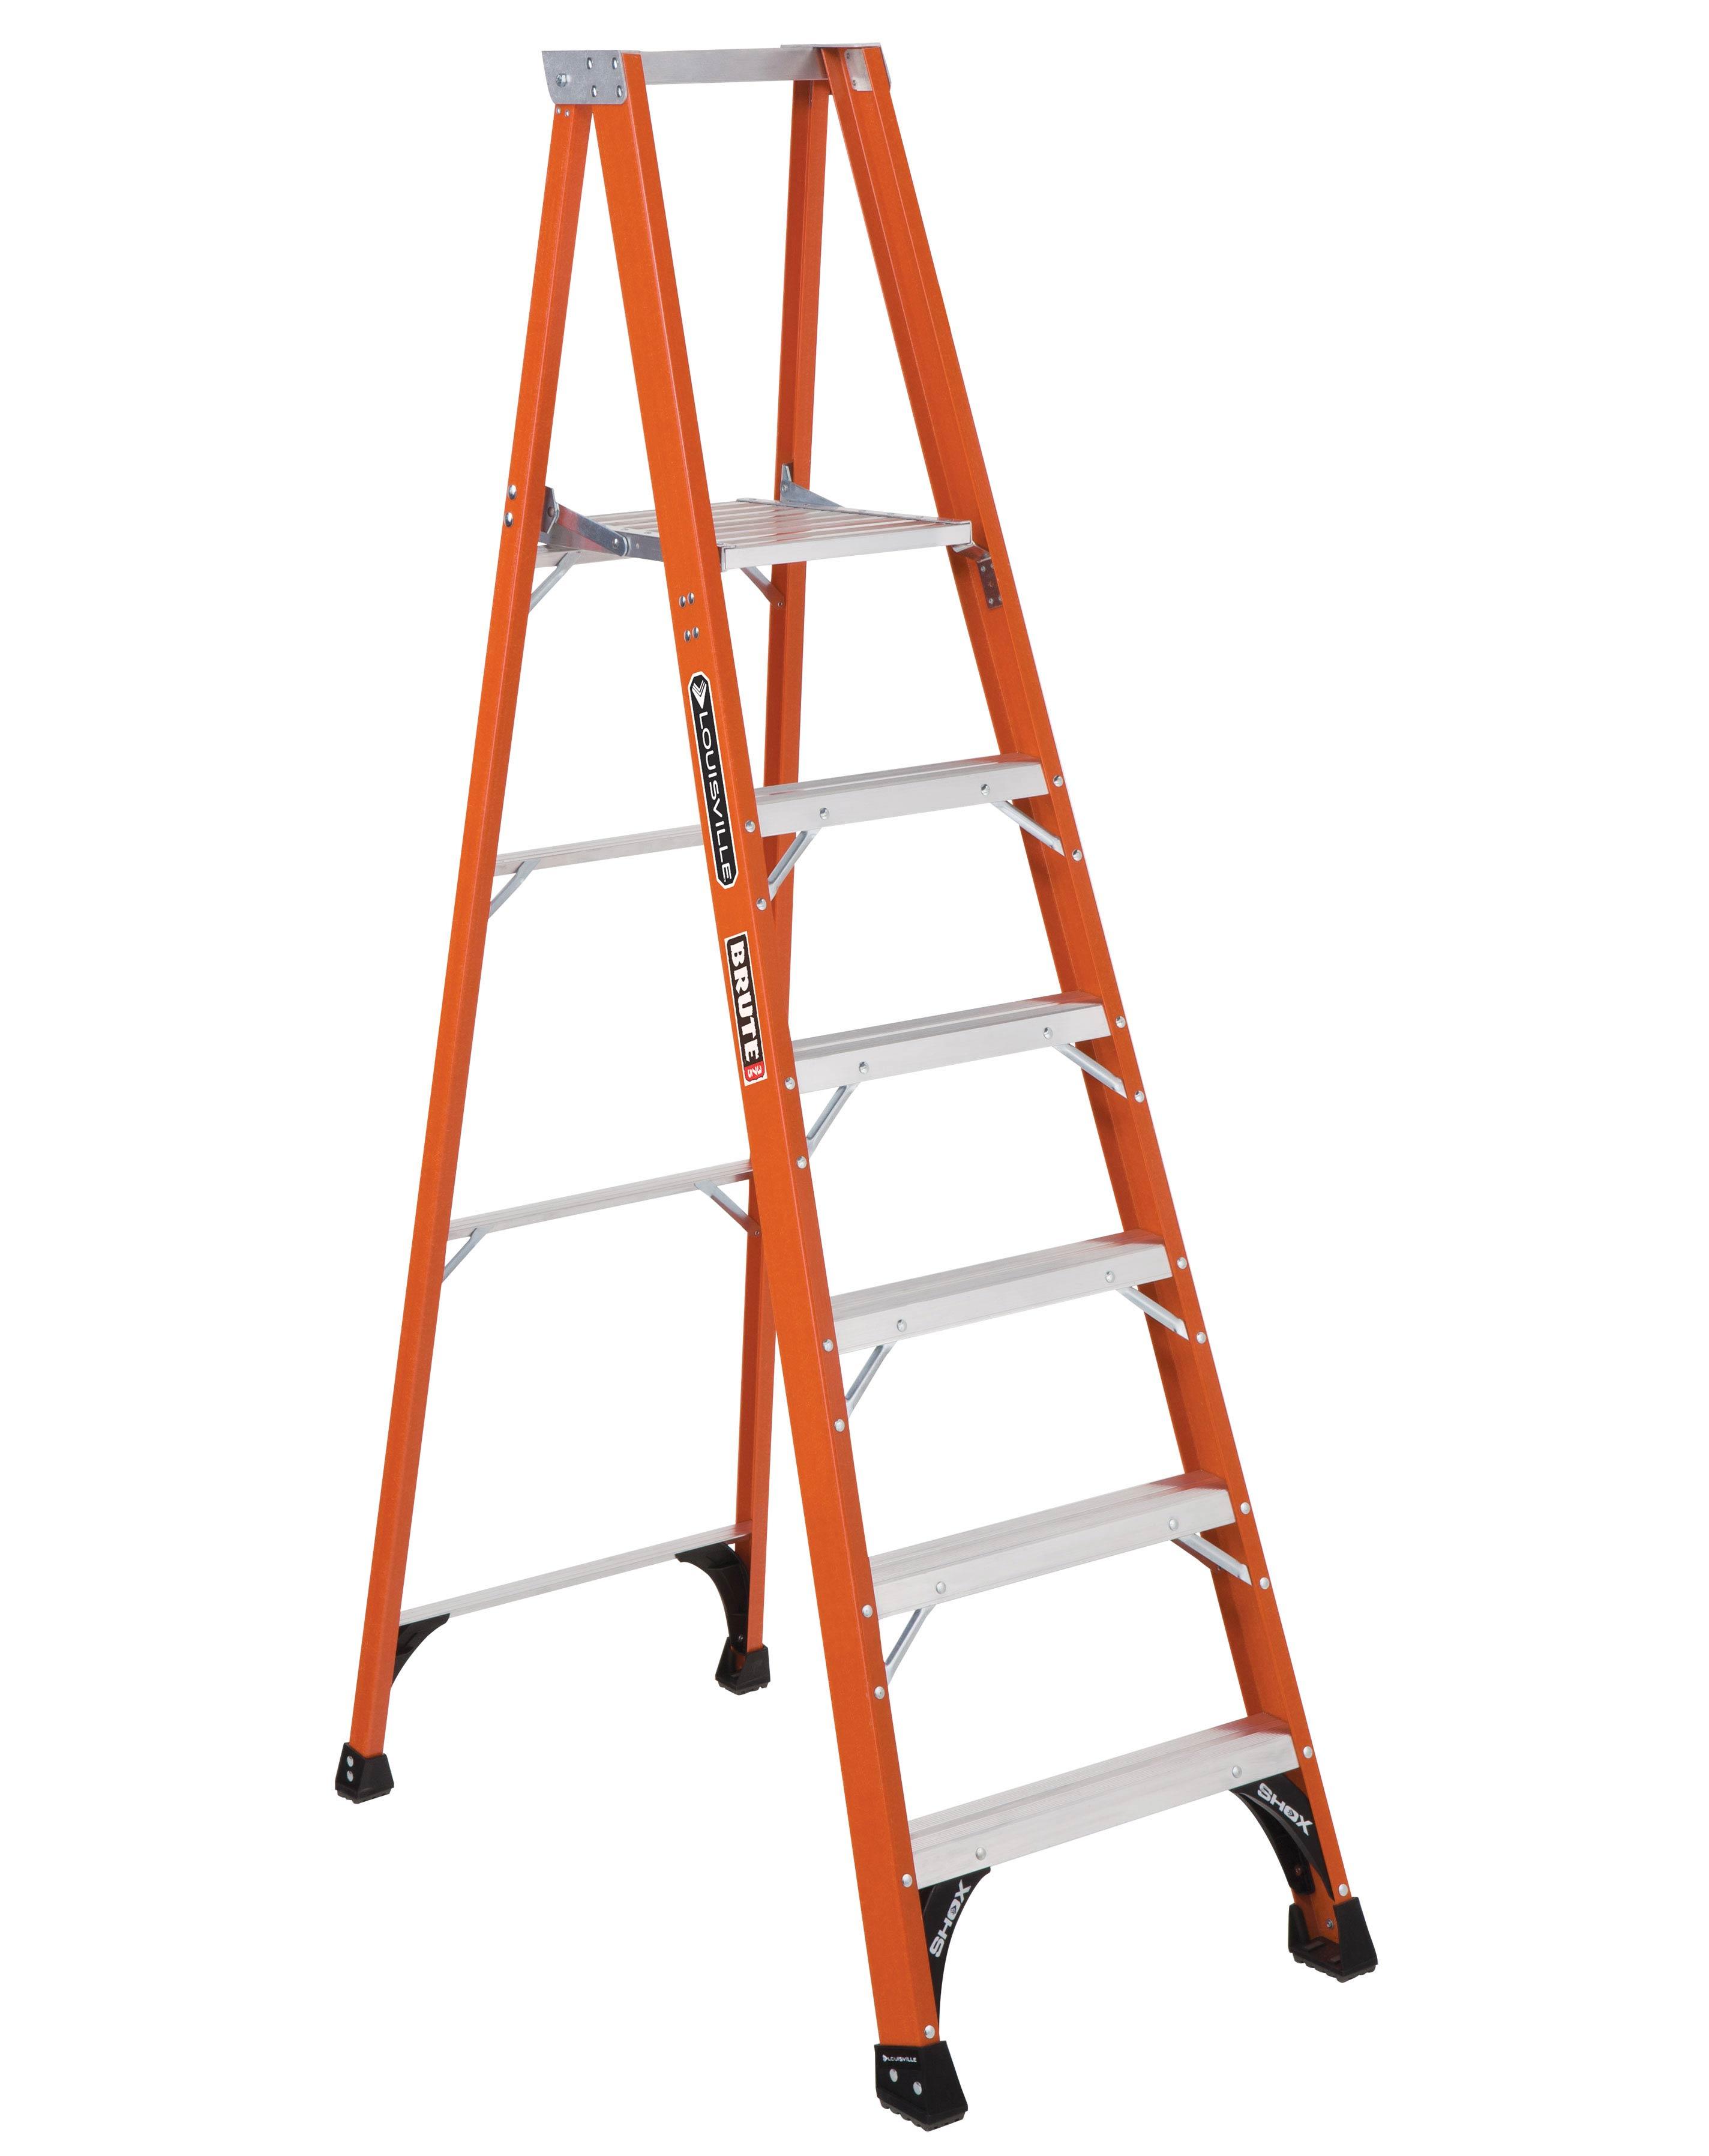 Louisville Ladder FP1406HD 6 Foot 375 lb Duty Rating Fiberglass Platform Ladder